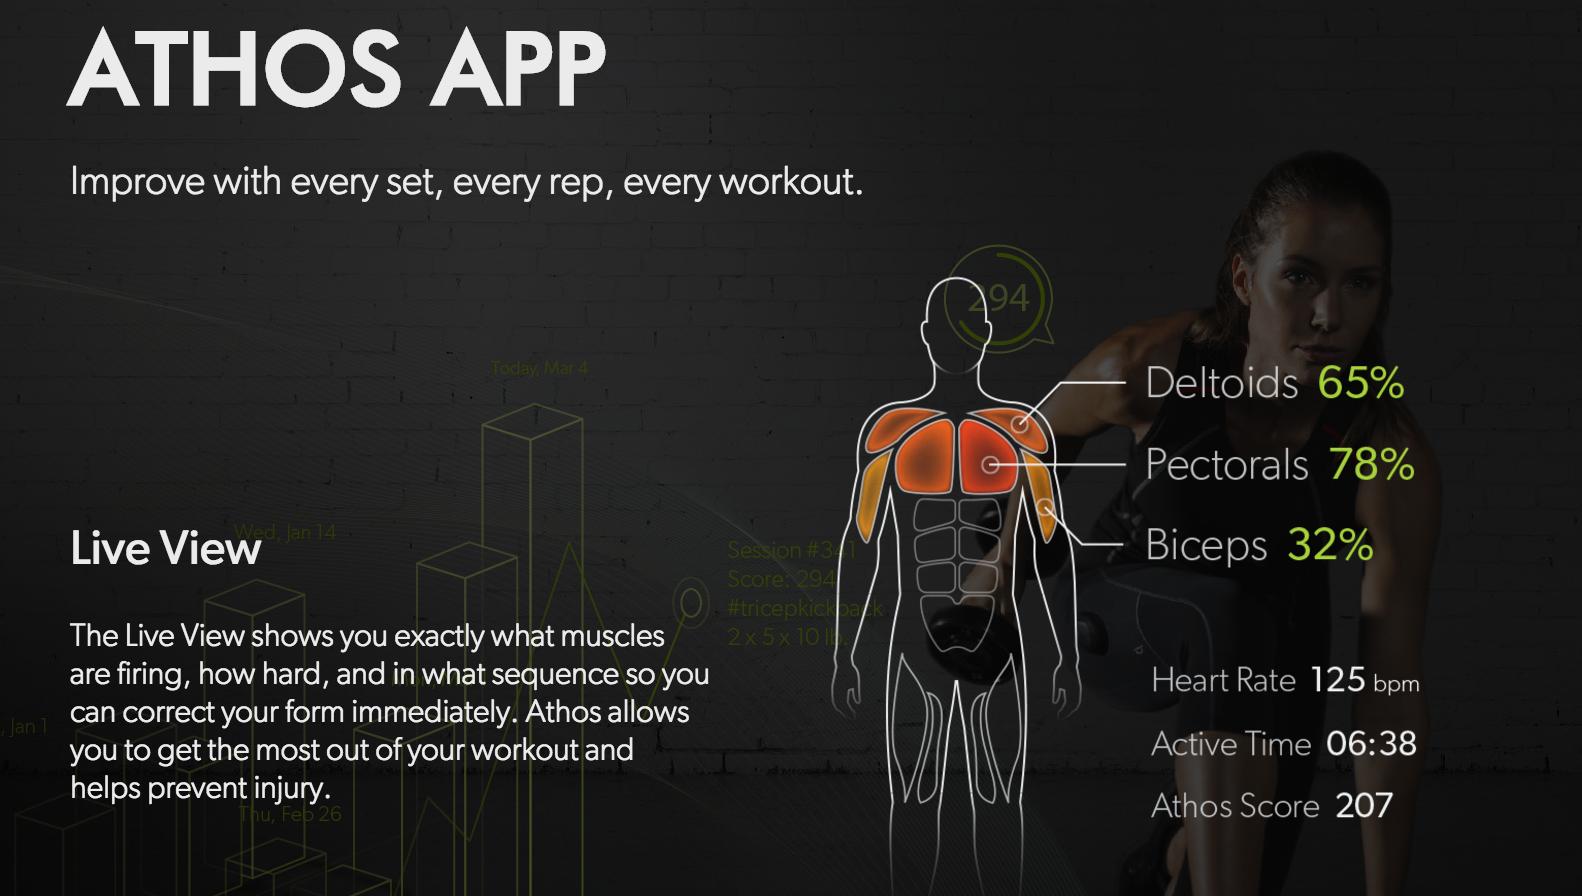 Athos-App-Interface